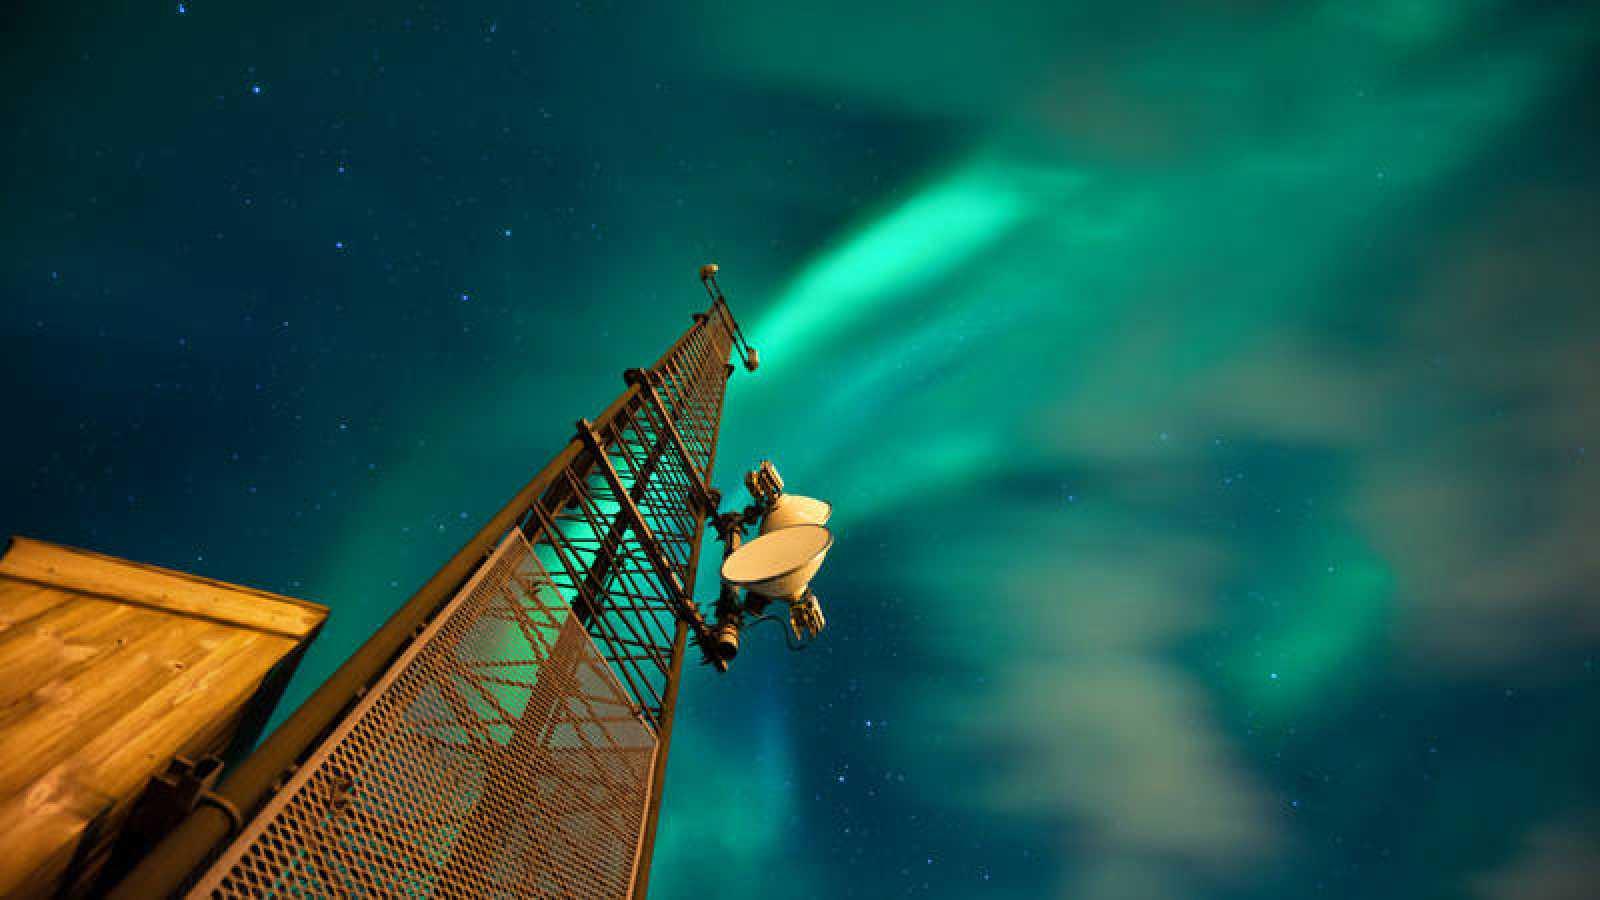 Una torre de telecomunicaciones iluminada por una aurora boreal